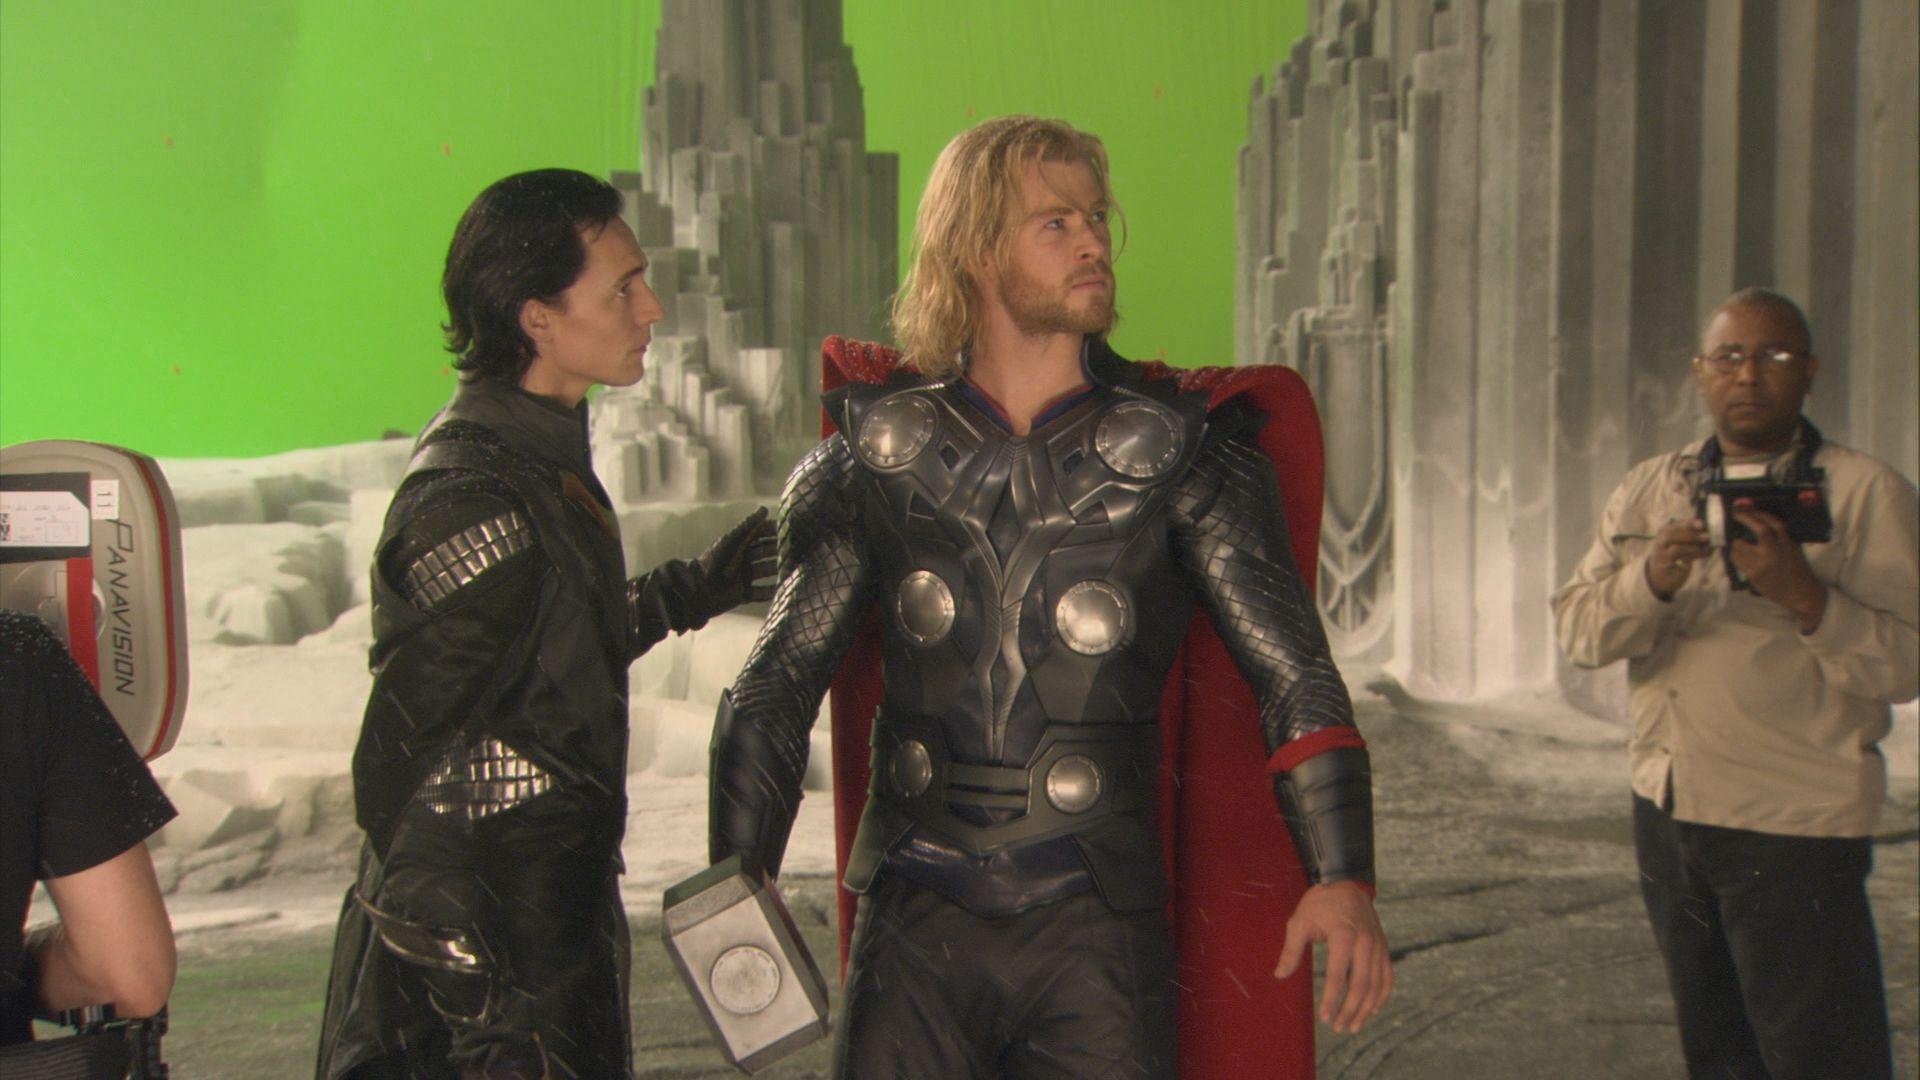 Thor (2011) - Behind the scenes - Thor & Loki | Loki costume, Loki ...